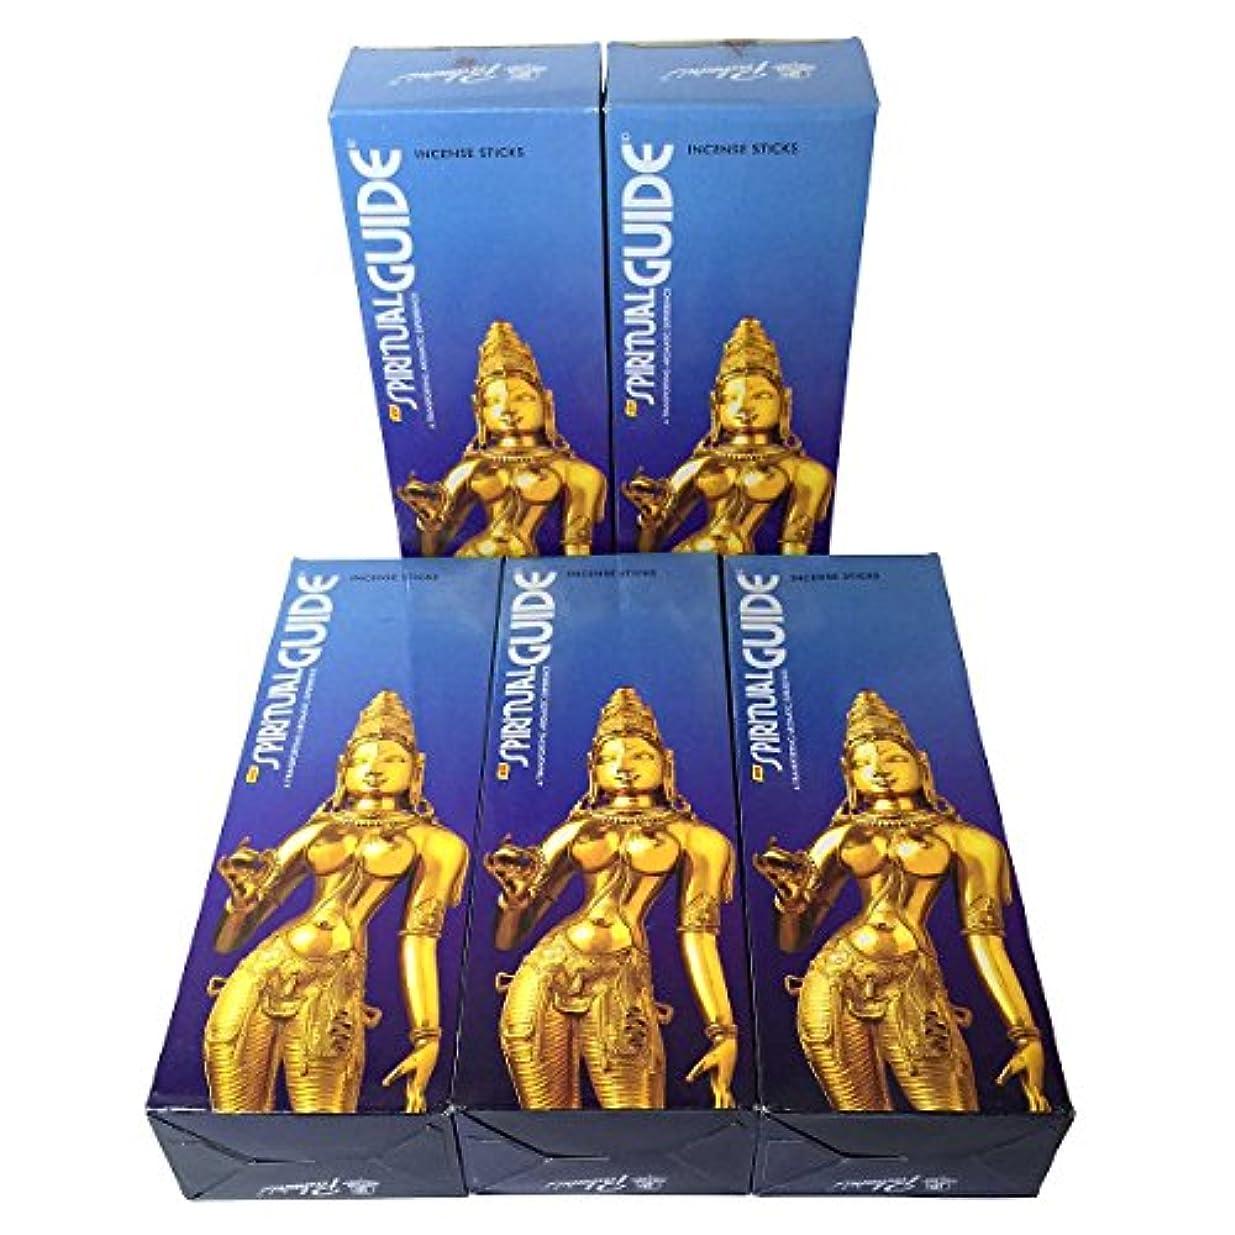 あえて遺跡リラックスしたスピリチュアルガイド香スティック 5BOX(30箱)/PADMINI SPIRITUALGUIDE インド香 / 送料無料 [並行輸入品]